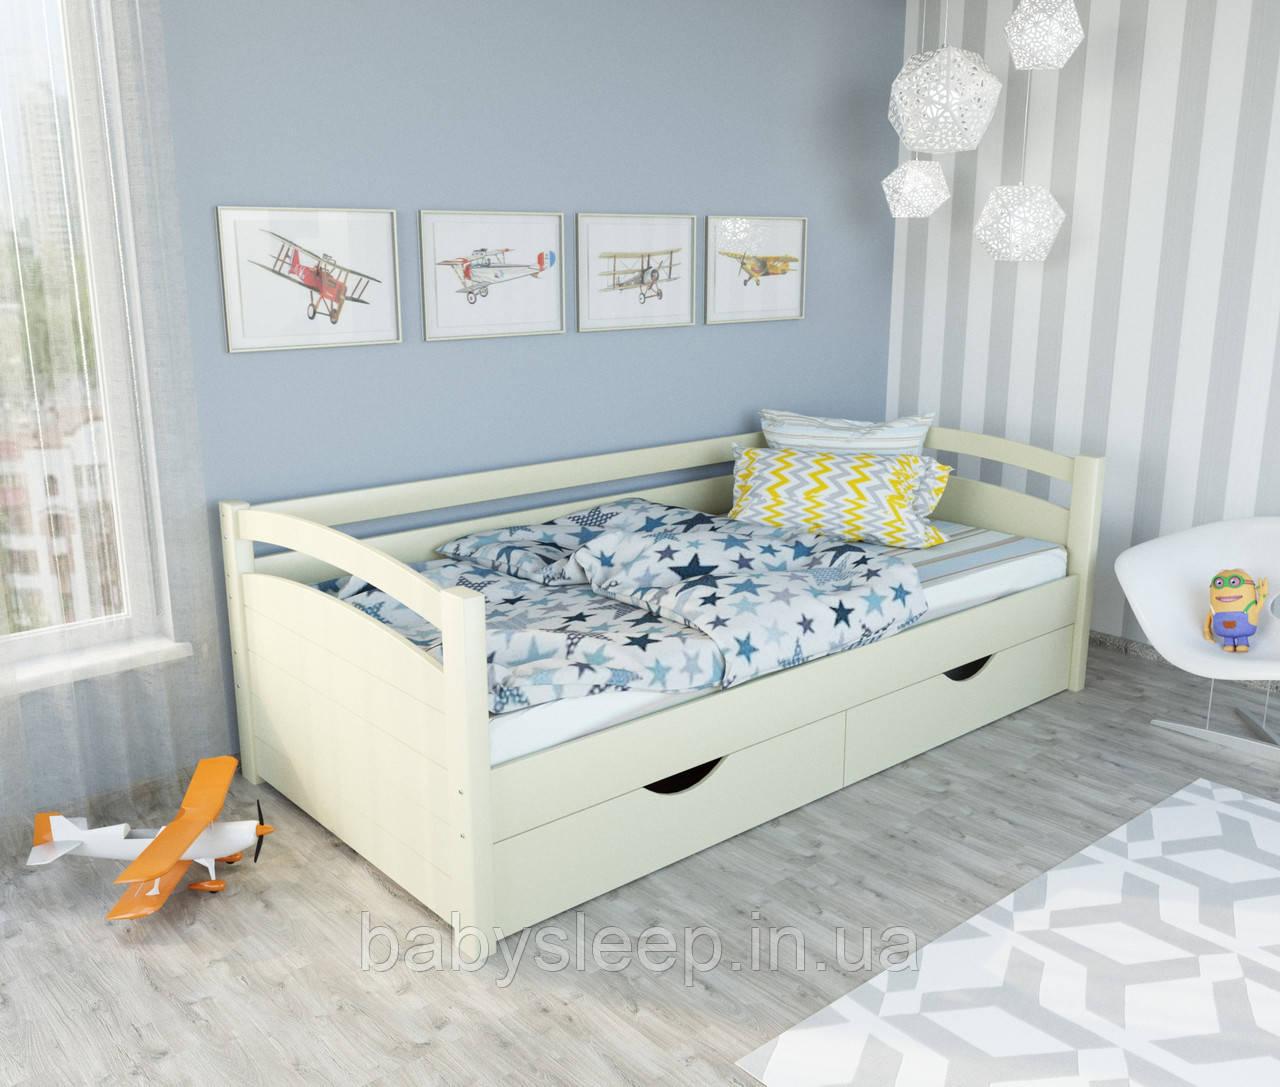 """Кровать подростковая """"Мила"""" цвет - слоновая кость. Цена без ЯЩИКОВ!"""